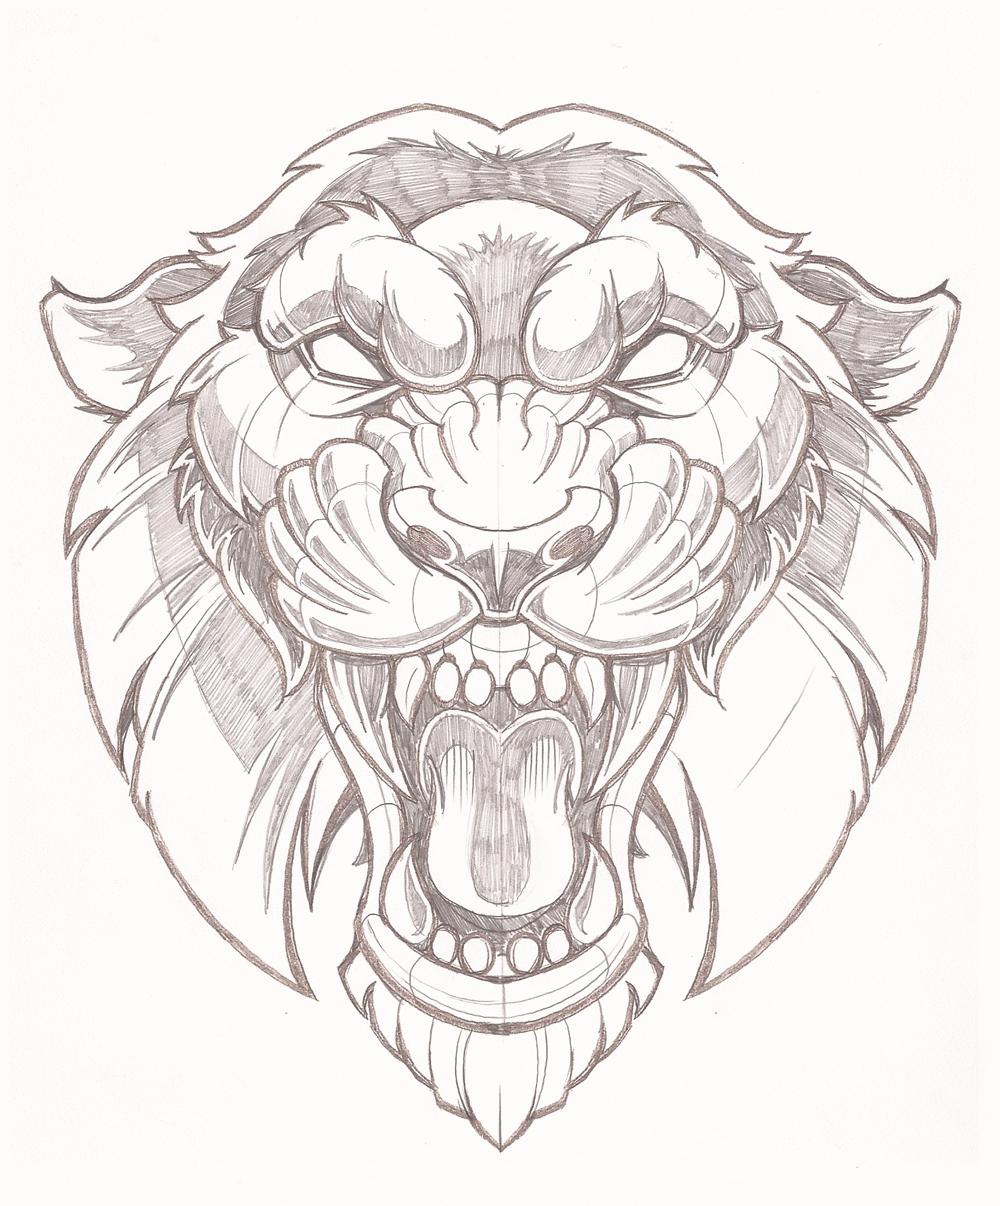 1000x1206 Vector Tiger Illustration 1 Work Ideas Tiger